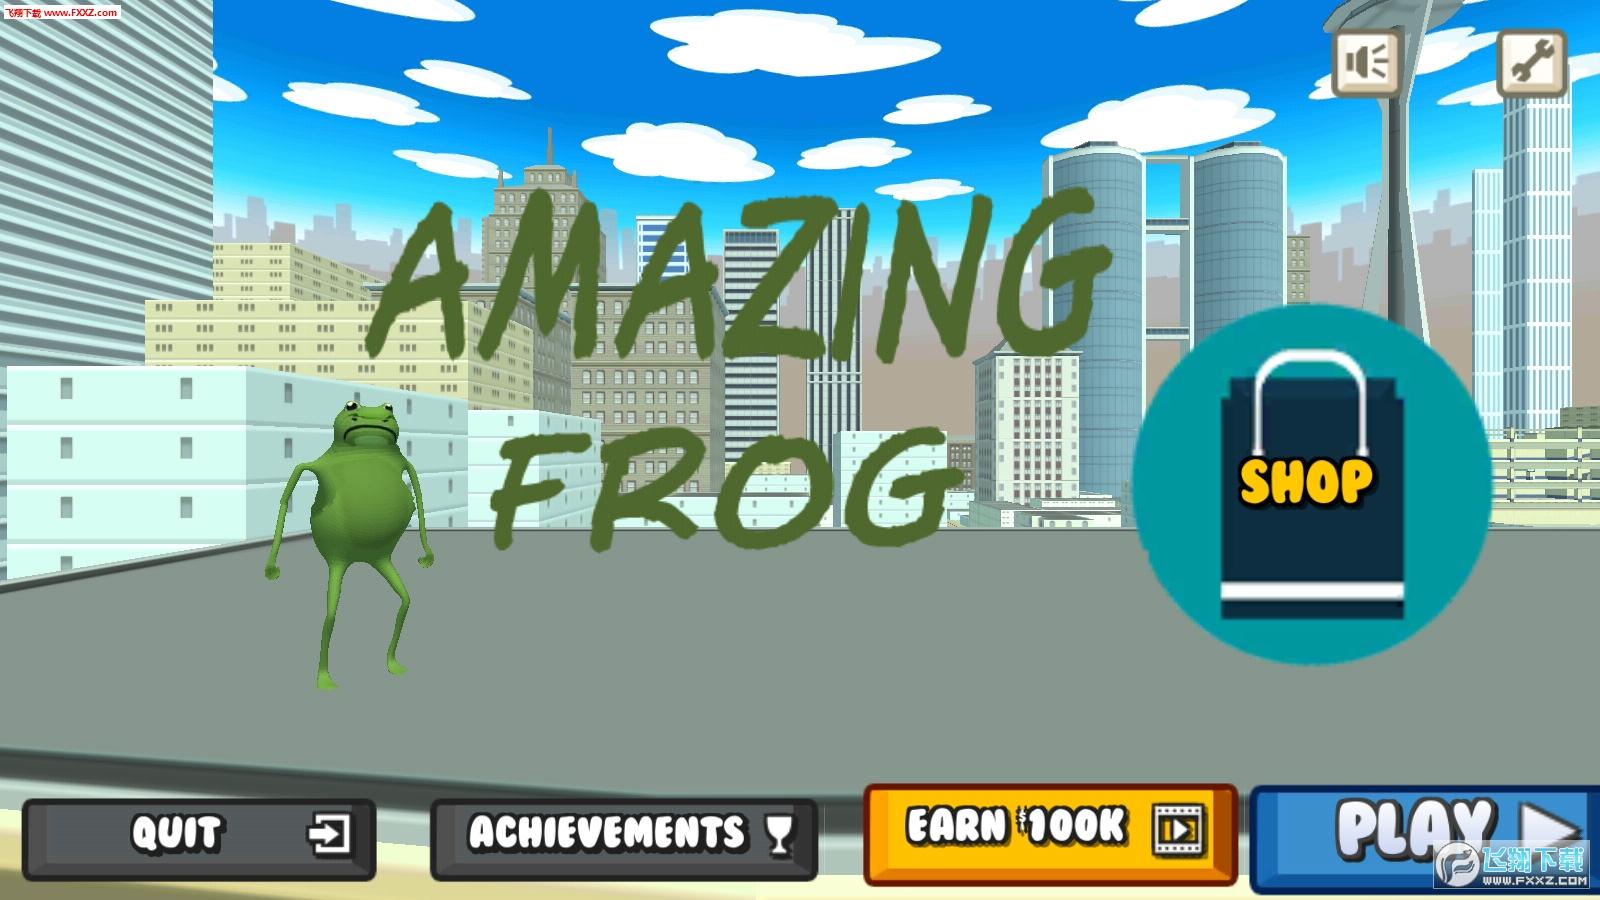 抖音疯狂的青蛙安卓版1.0截图0